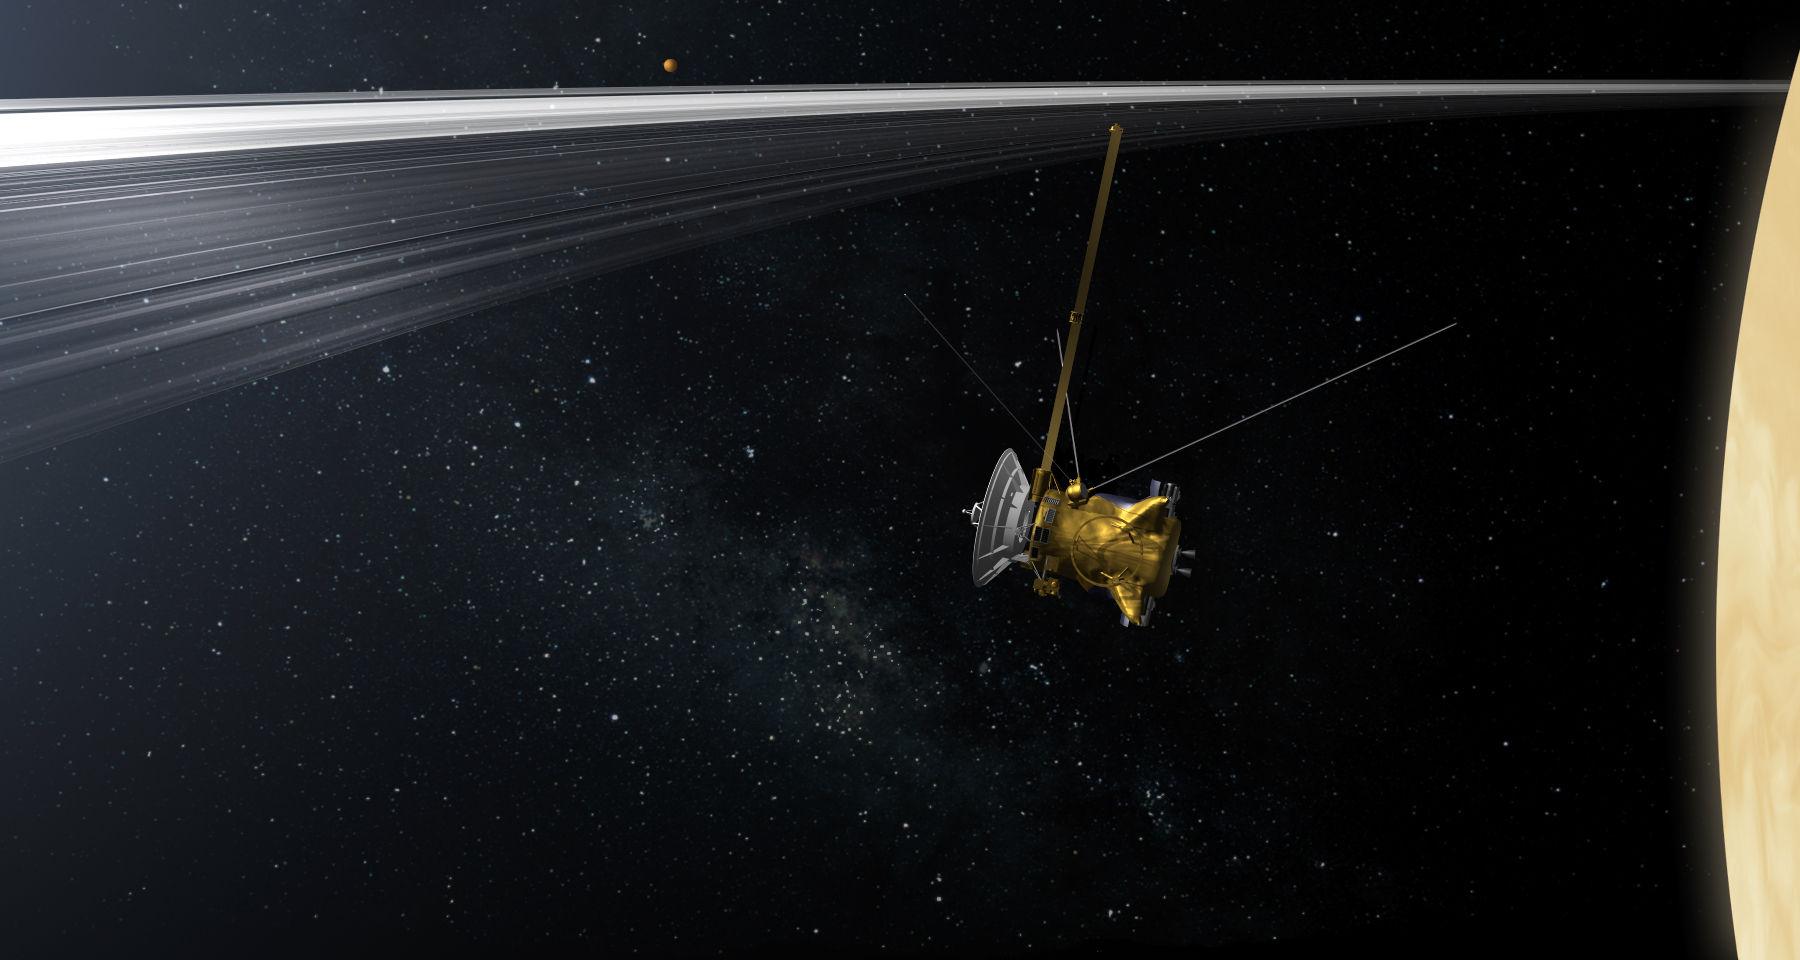 La sonda Cassini dará sus últimas cinco vueltas sobre Saturno antes de precipitarse